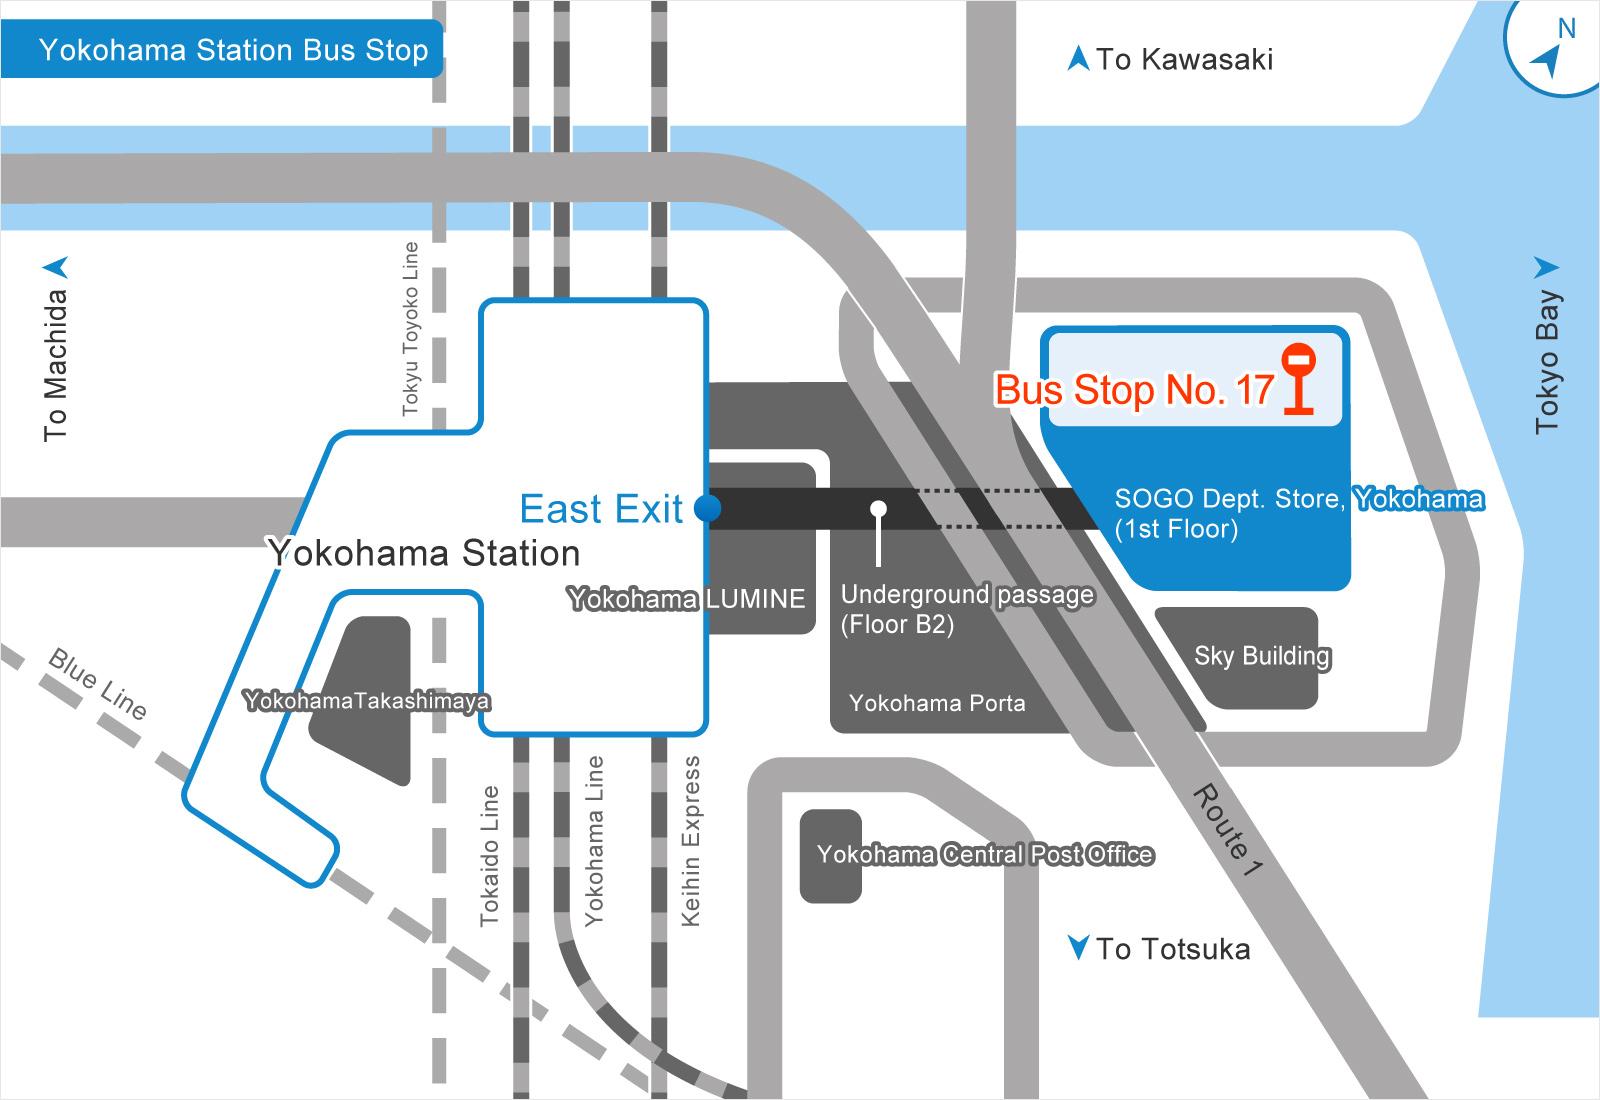 横浜駅バス乗り場の画像